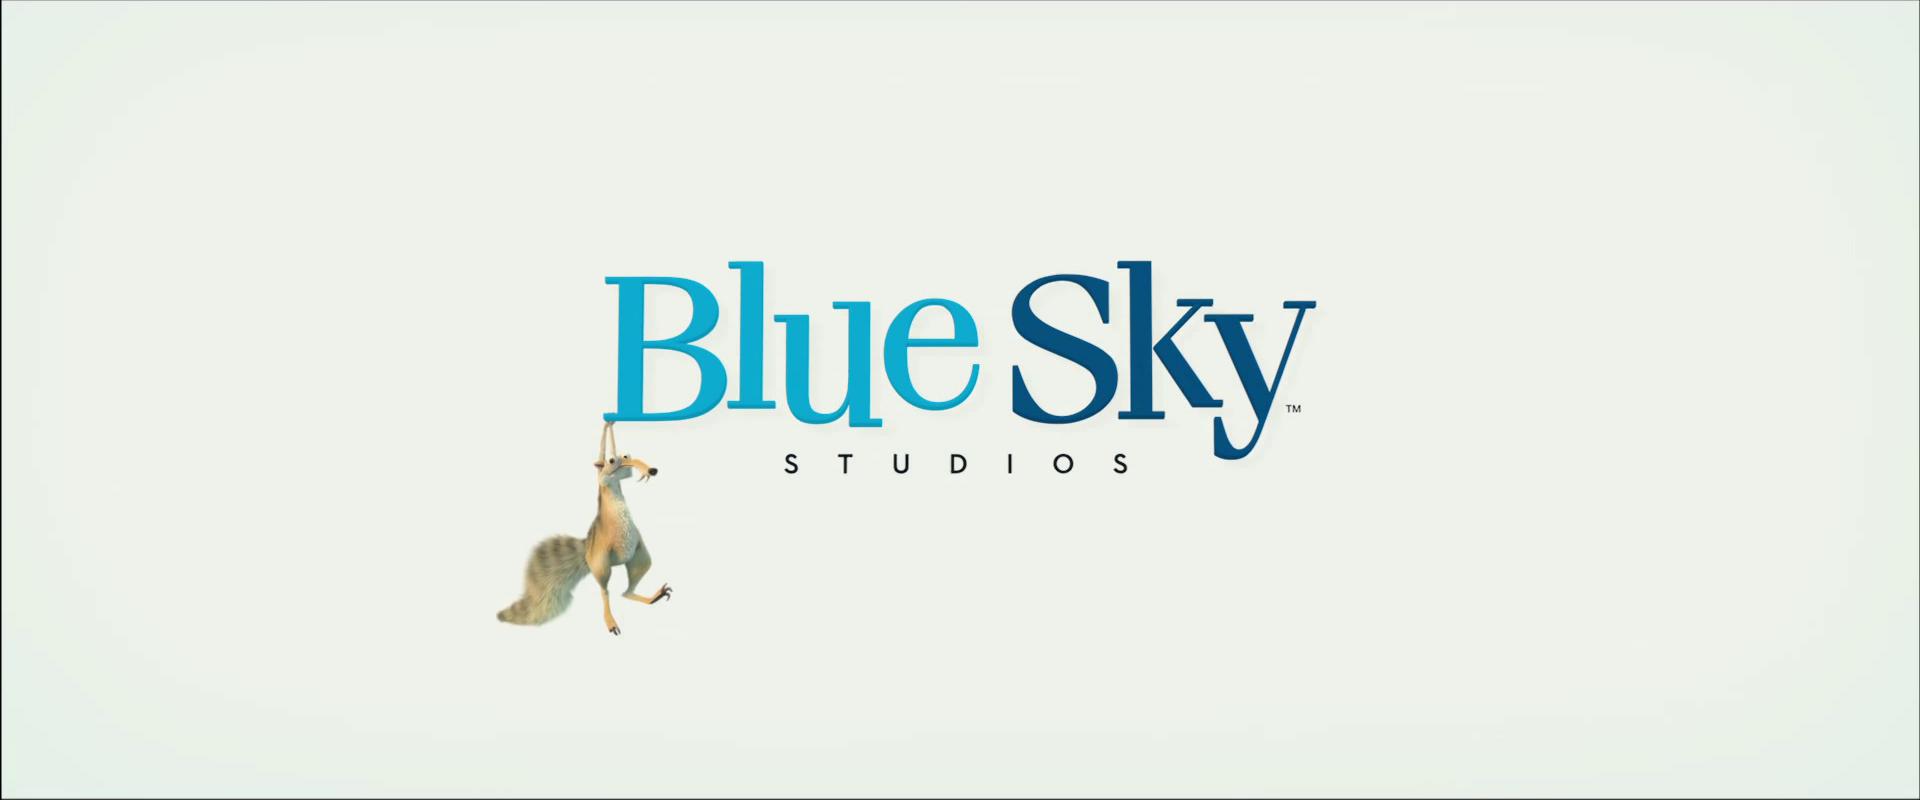 Blu es ky.png